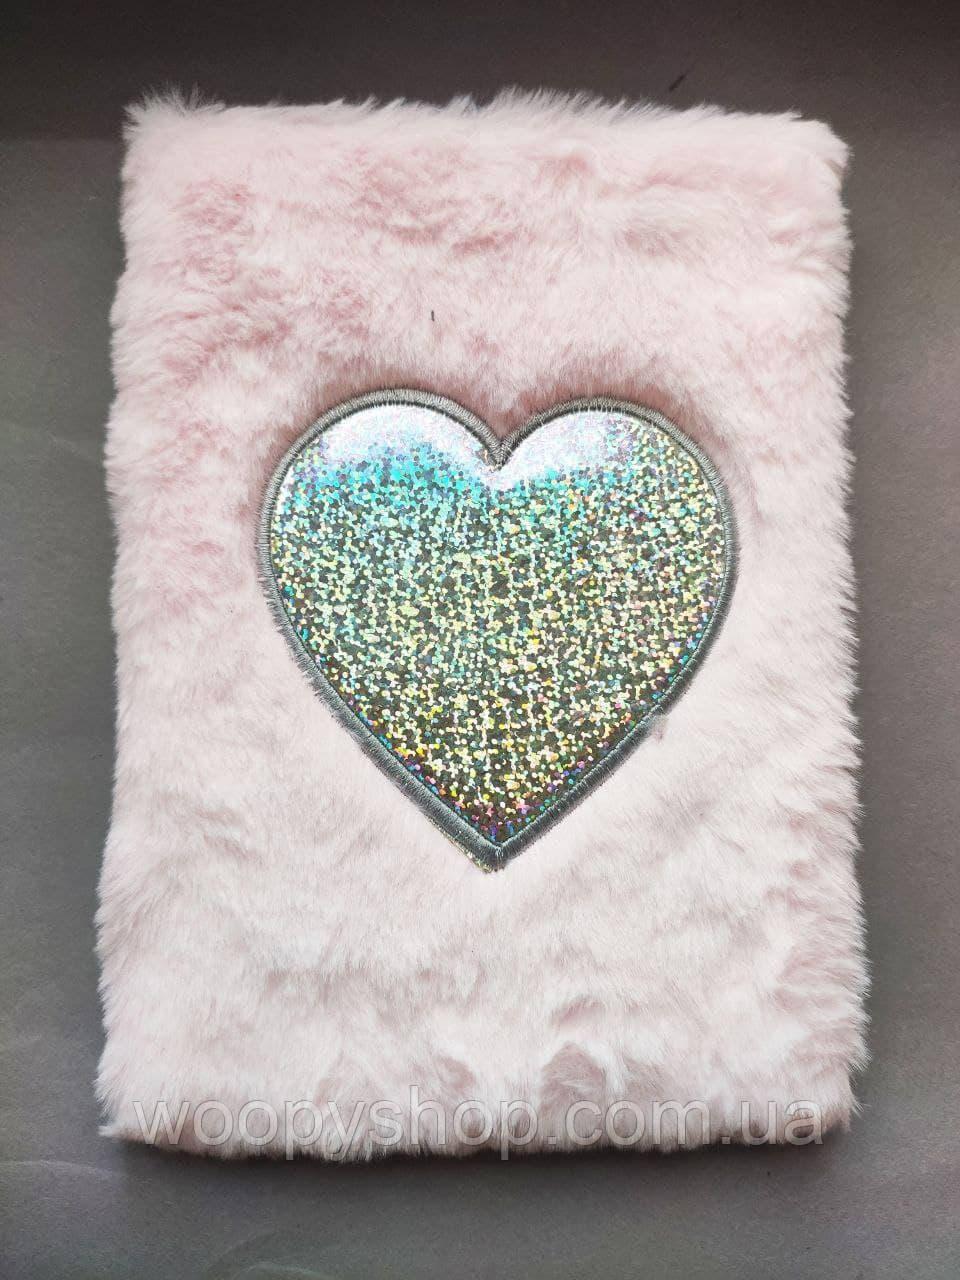 """Блокнот мягкий пушистый """"Перламутровым сердце""""  нежно розовый 21*14,8см"""